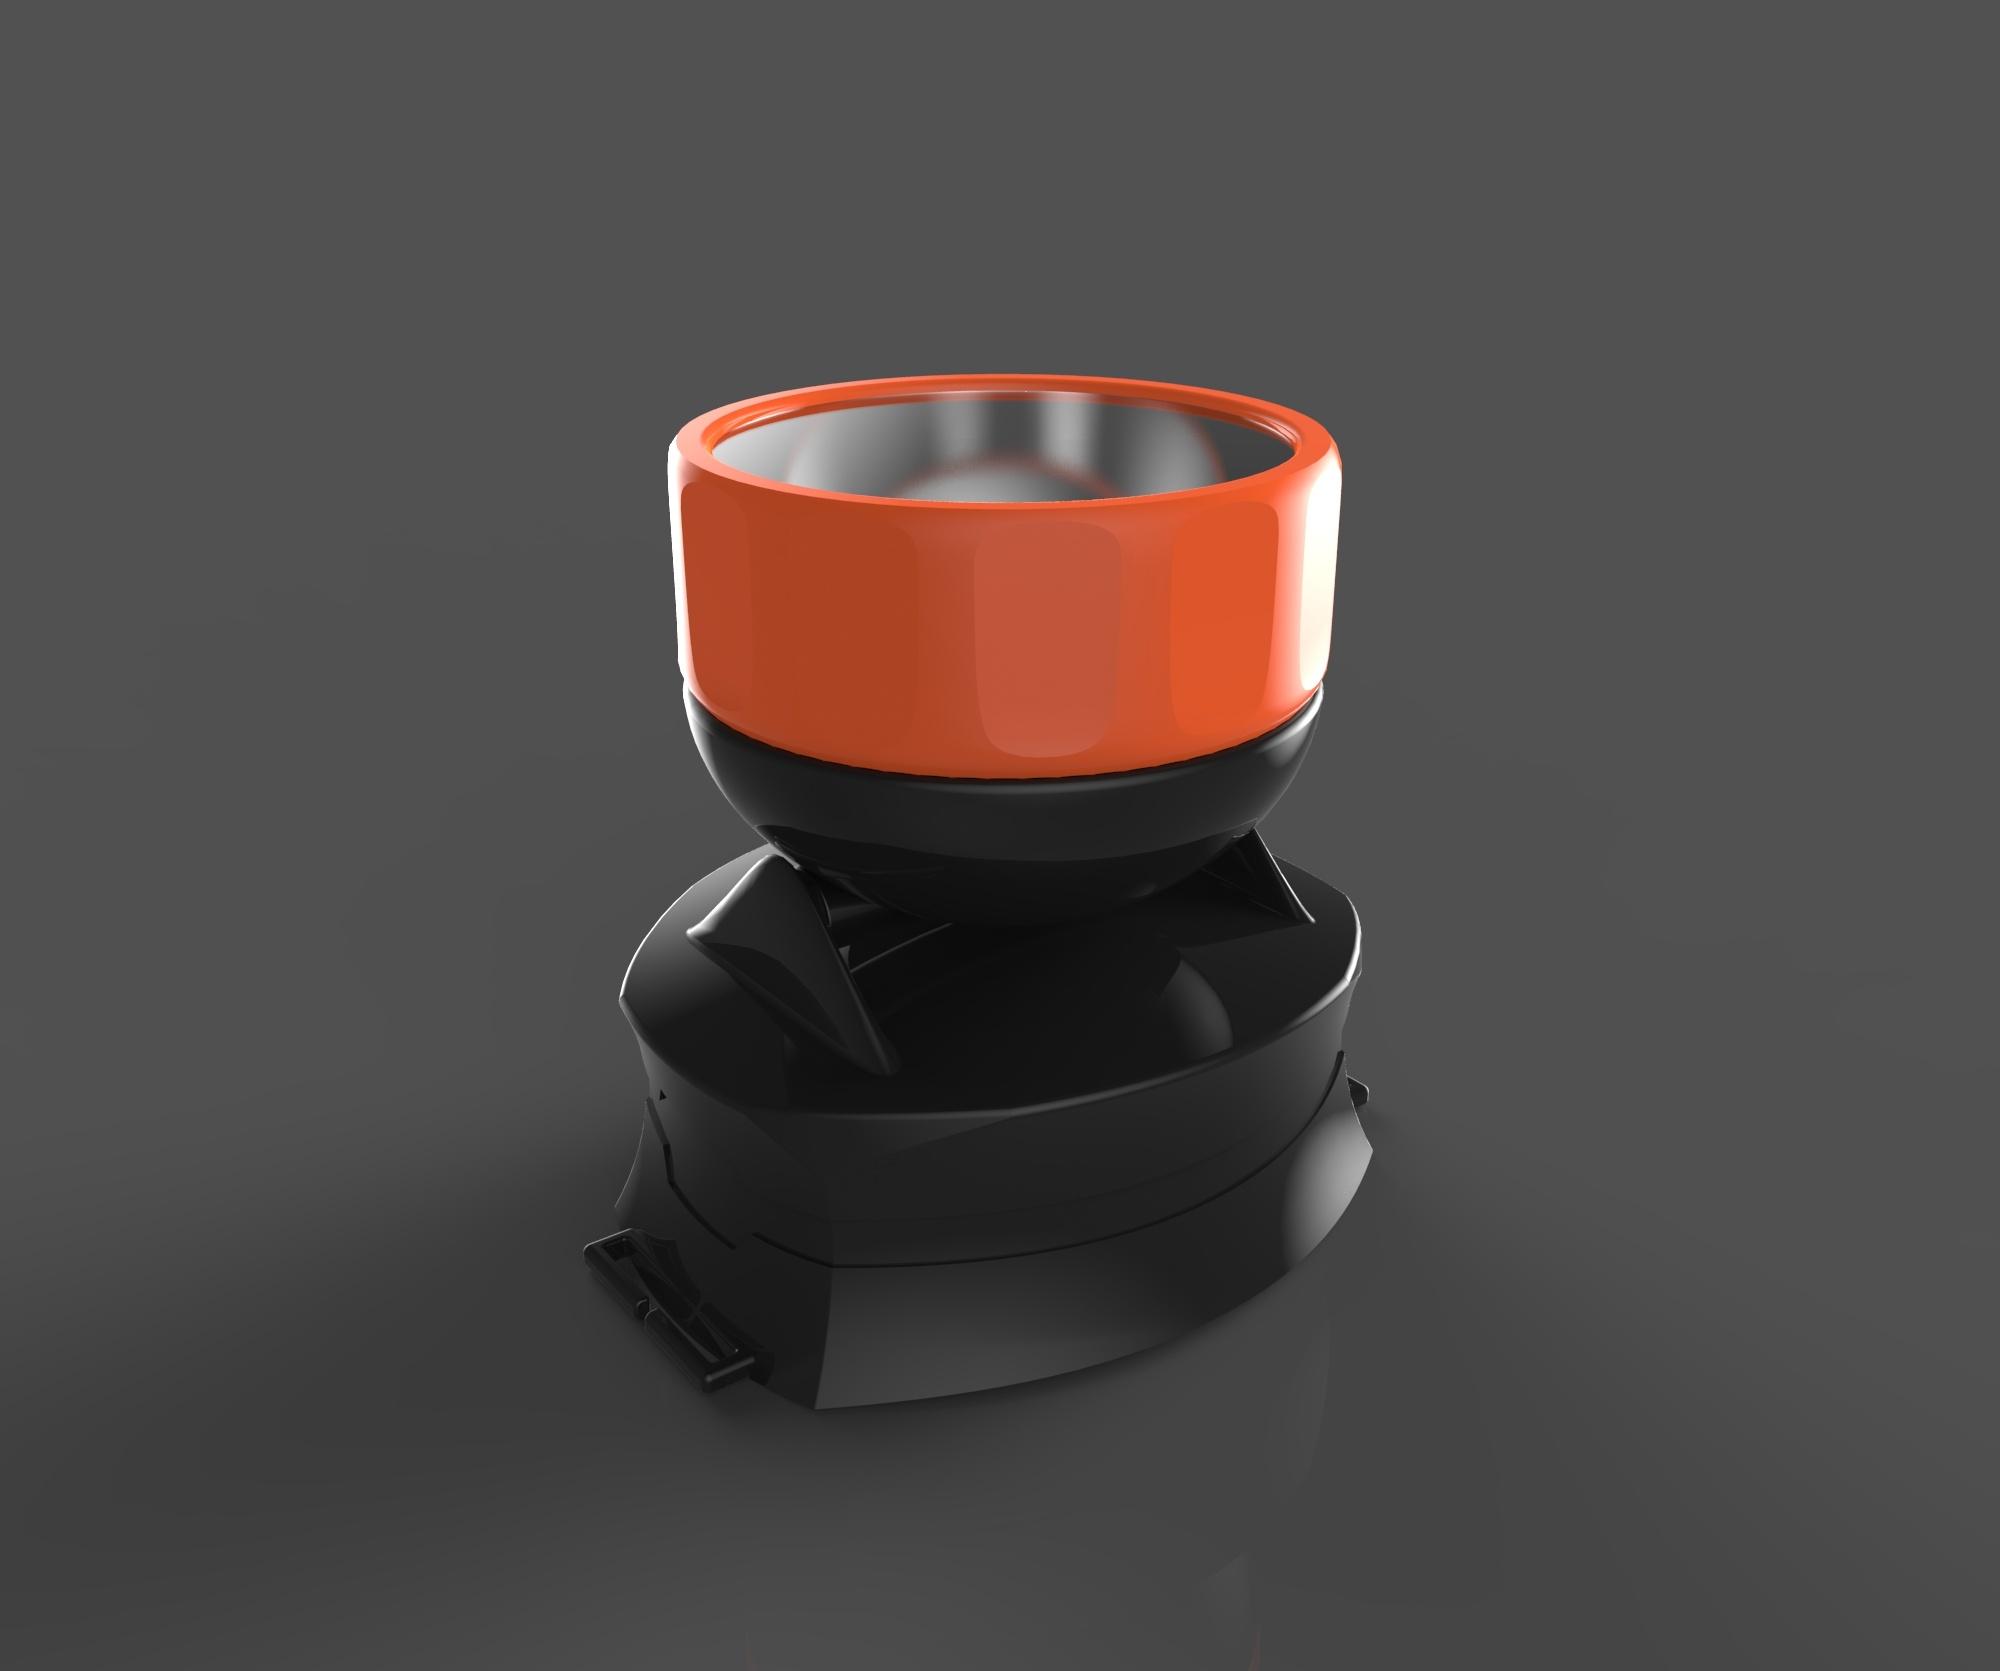 手电筒|工业/产品|电子产品|galfay - 原创作品